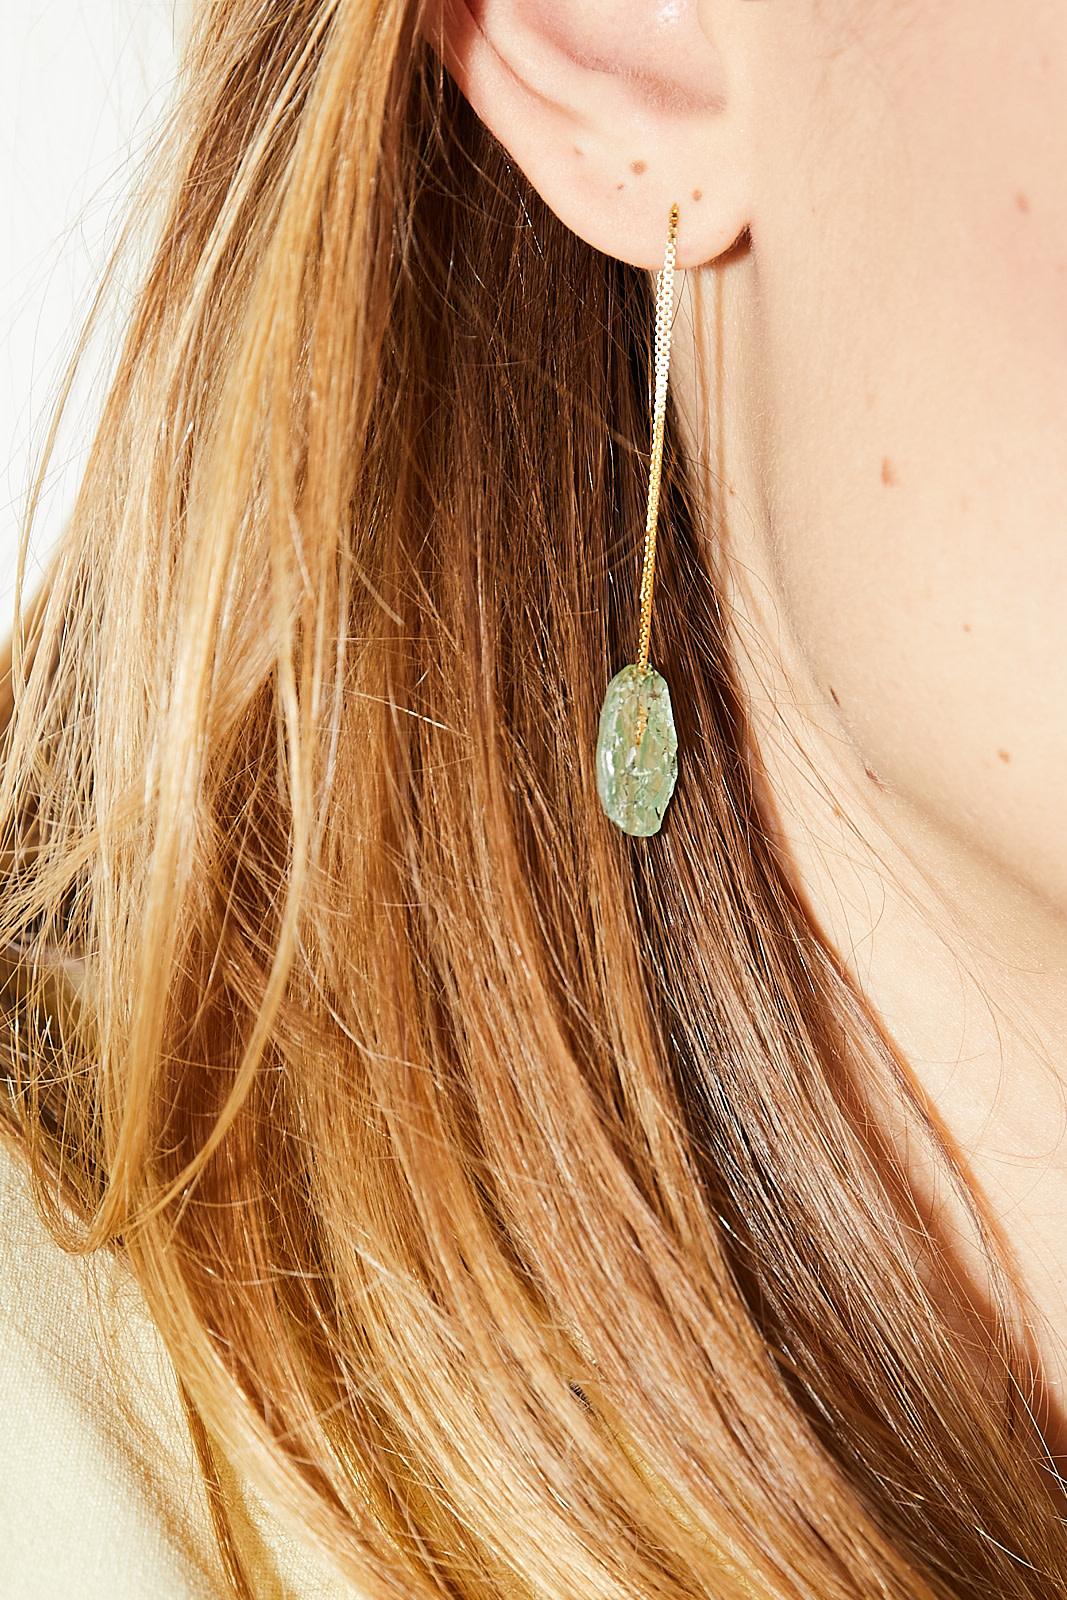 Future Rocks - Tide string earings